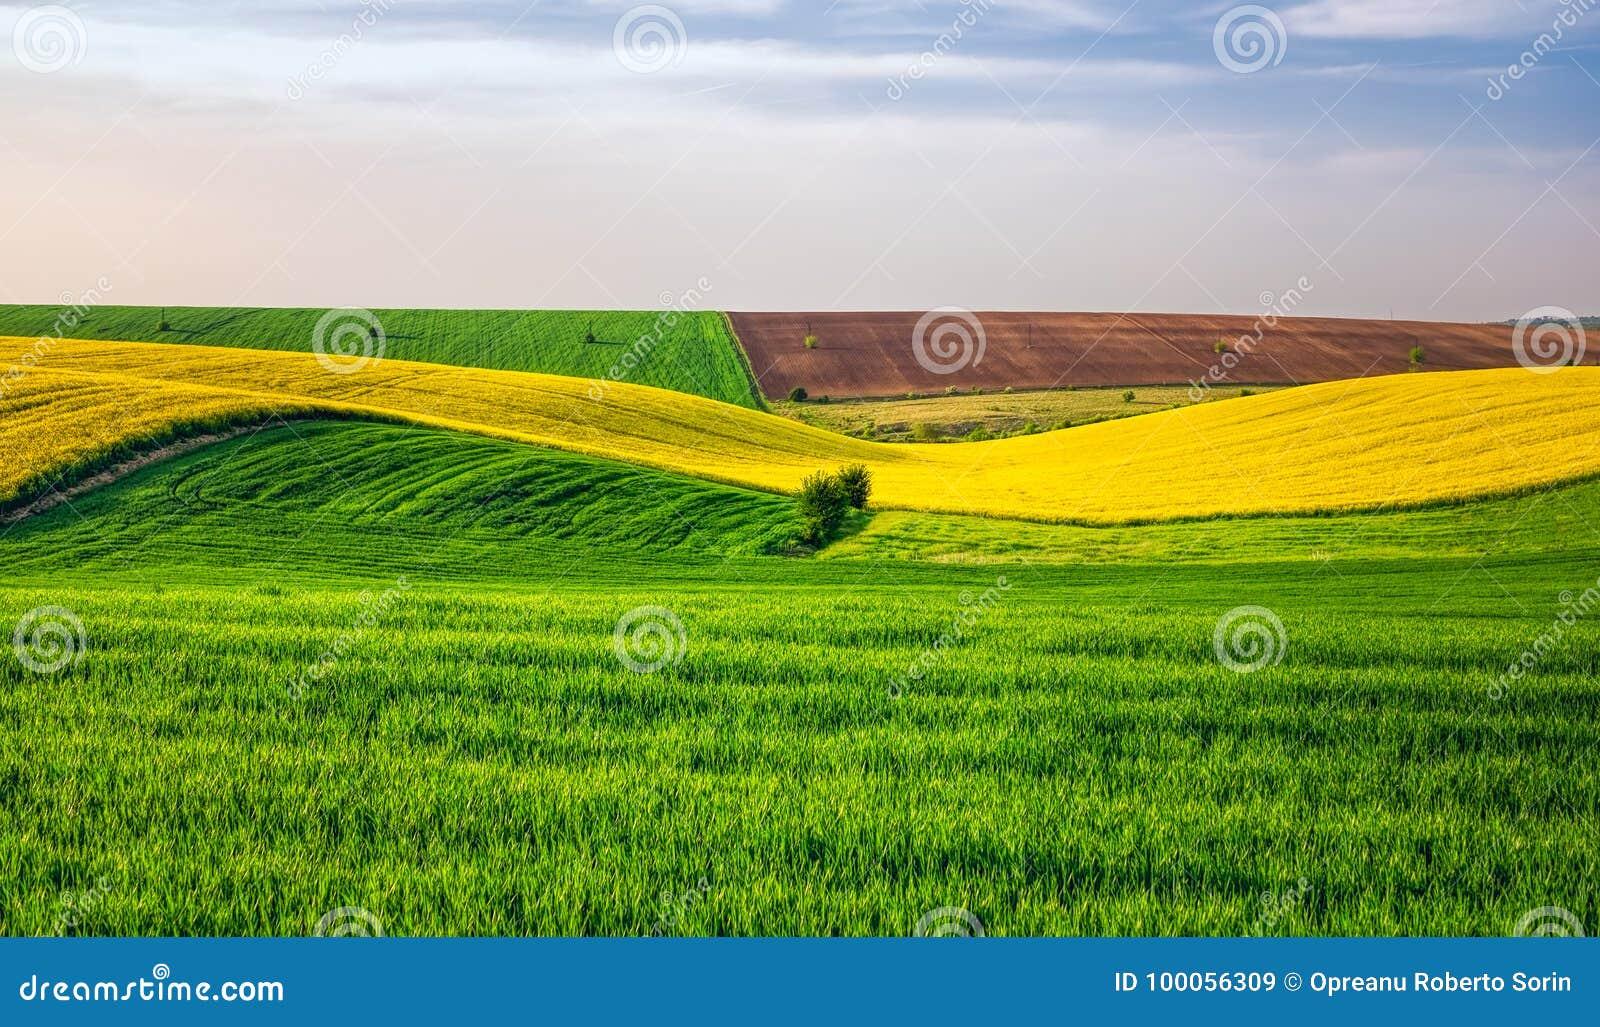 Campos agriculturais